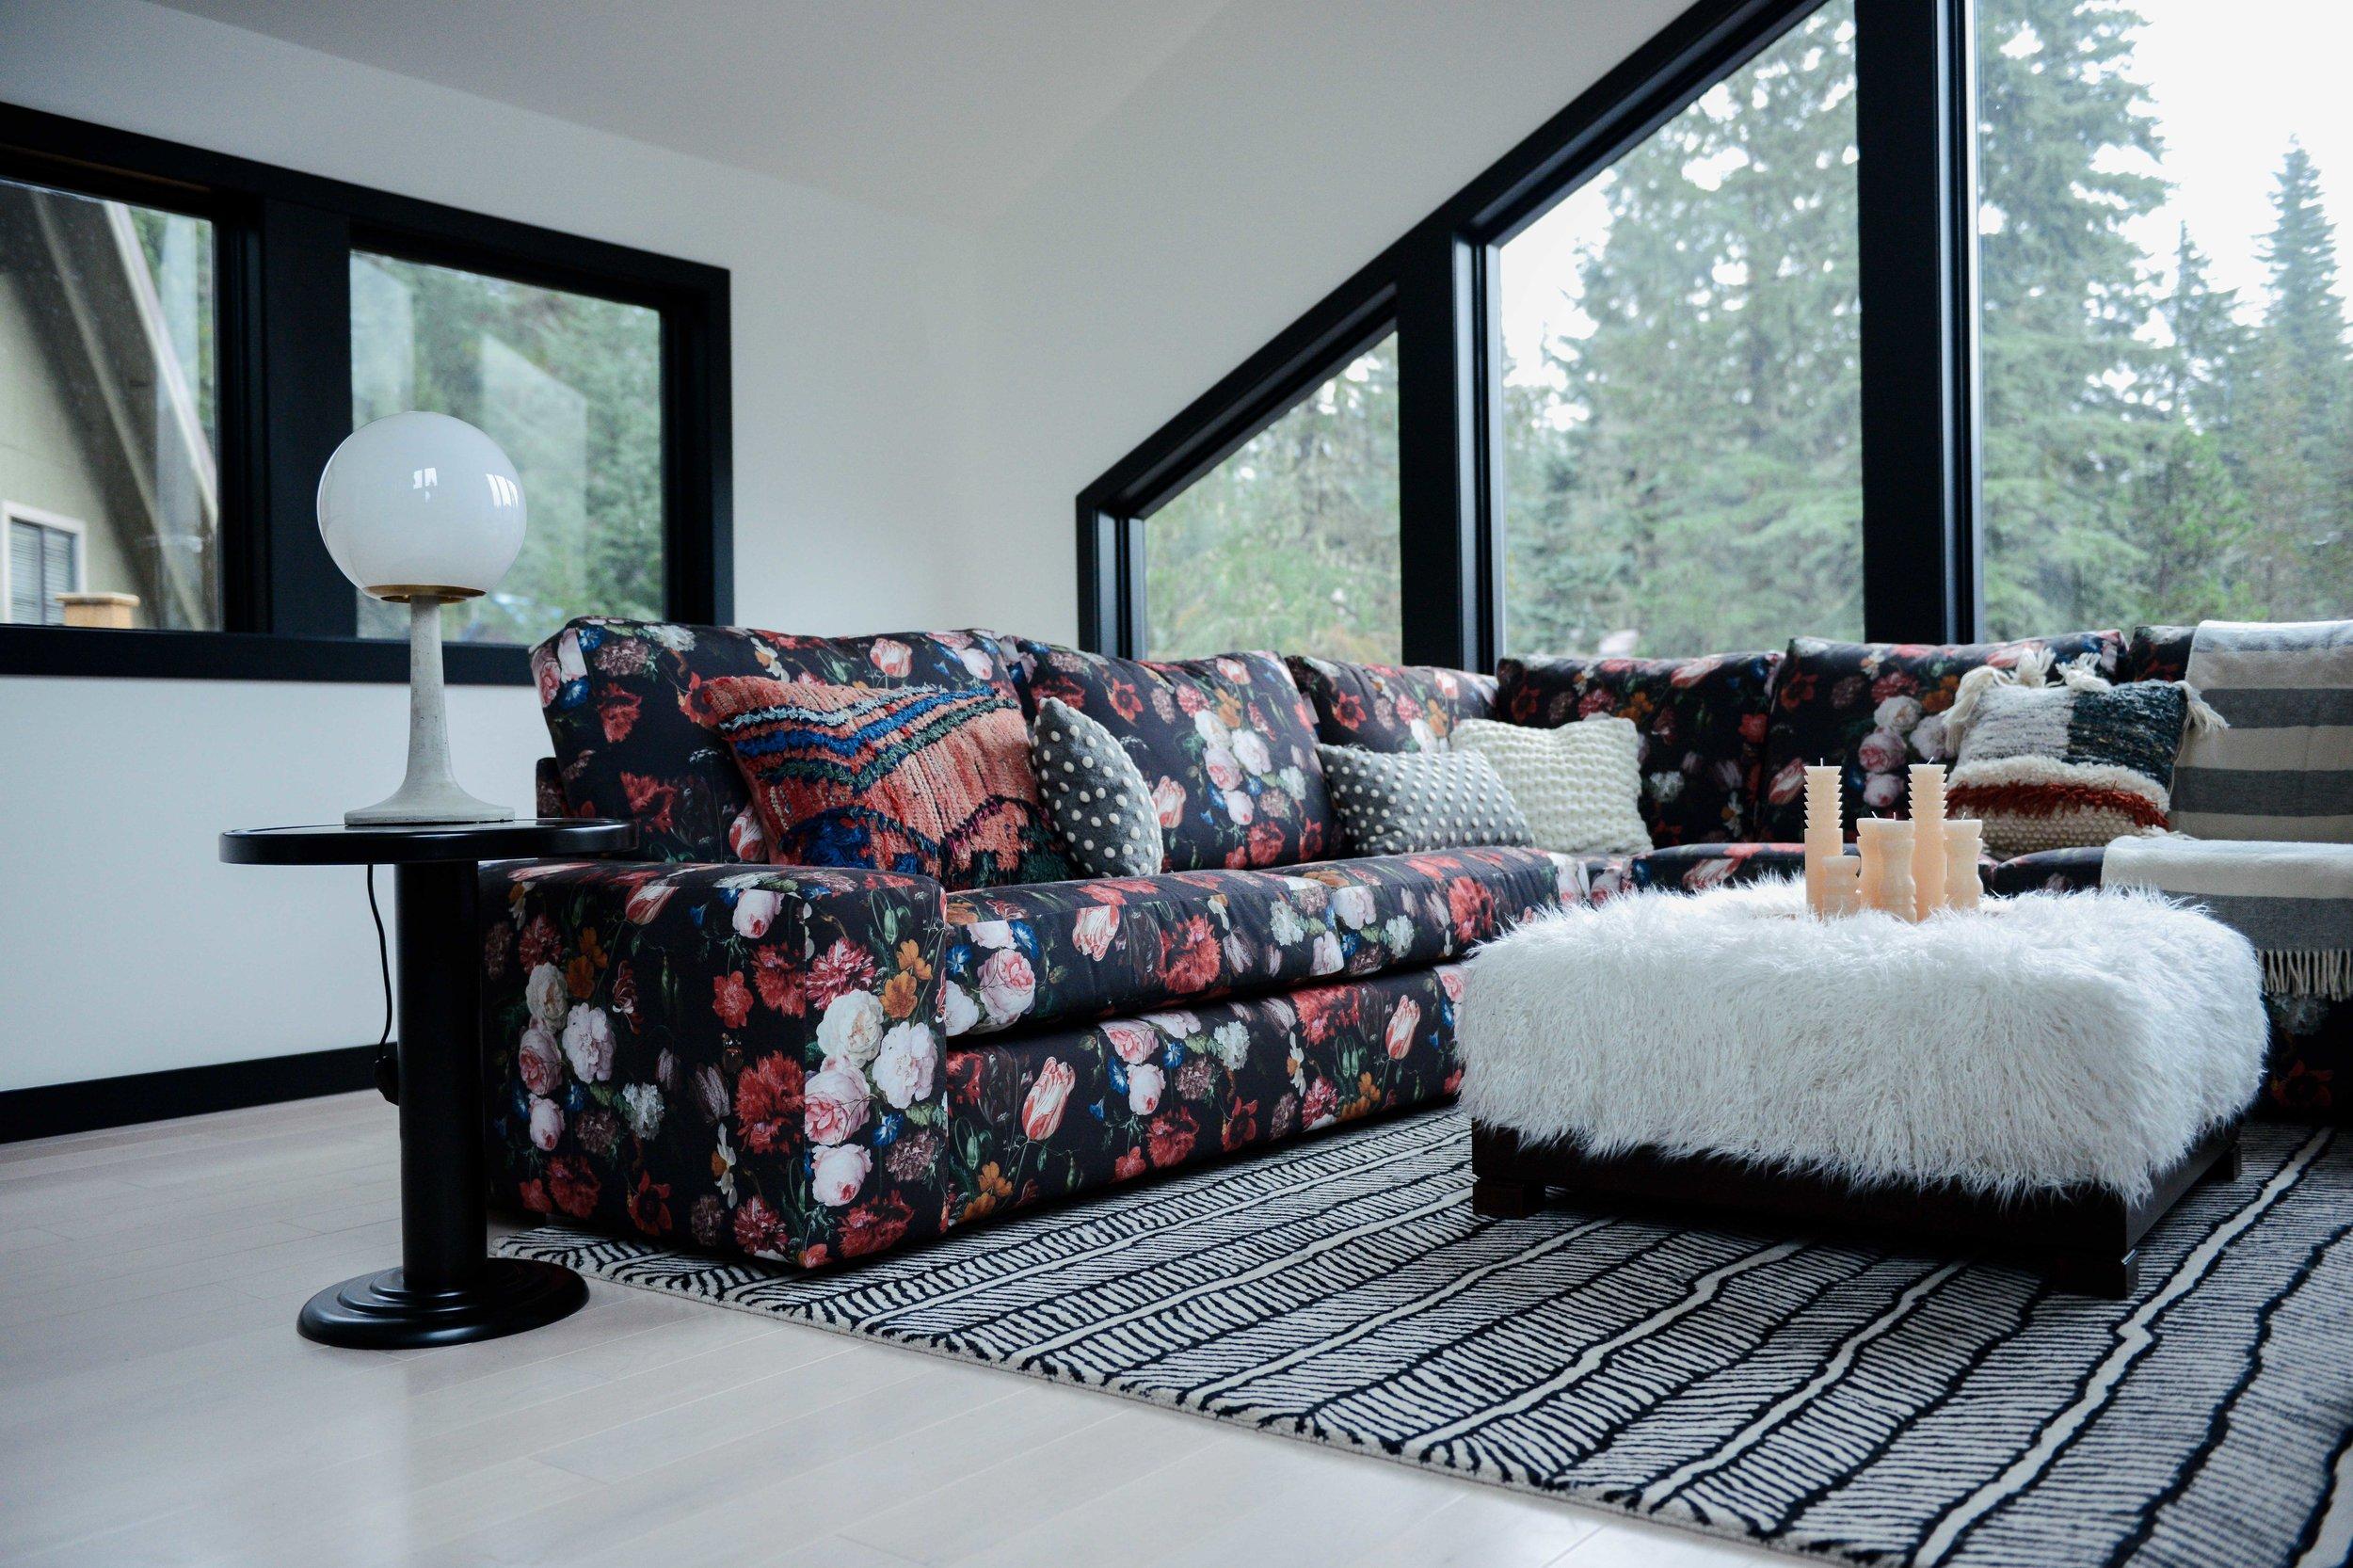 Casework_Fritsch Cabin_Living room_05.jpg